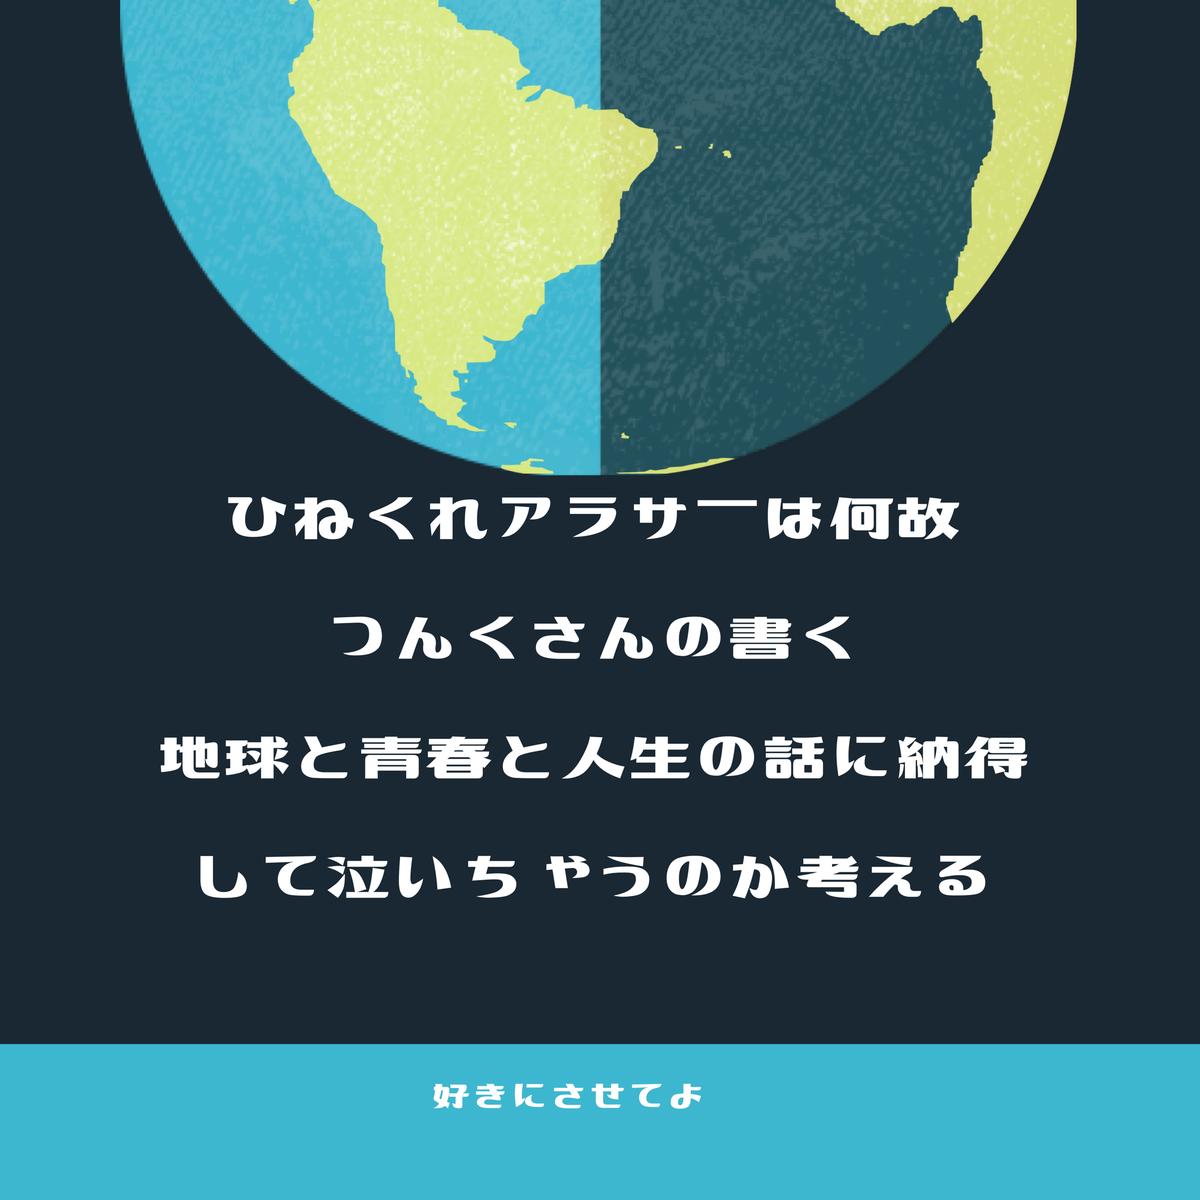 f:id:tsukino25:20190723182741p:plain